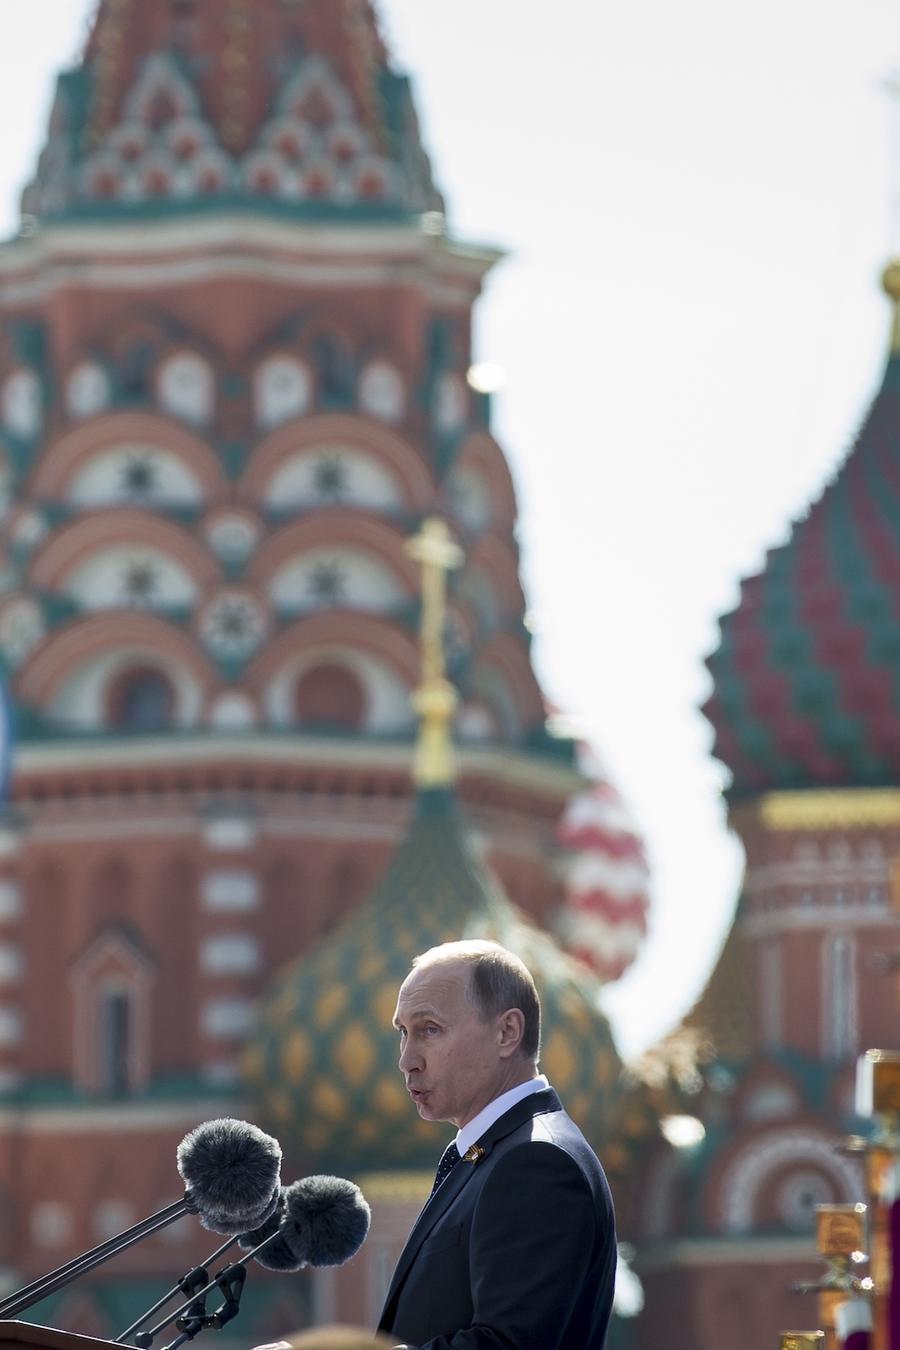 Imagen del presidente ruso, Vladimir Putin, en la Catedral de San Basilio en Moscú.